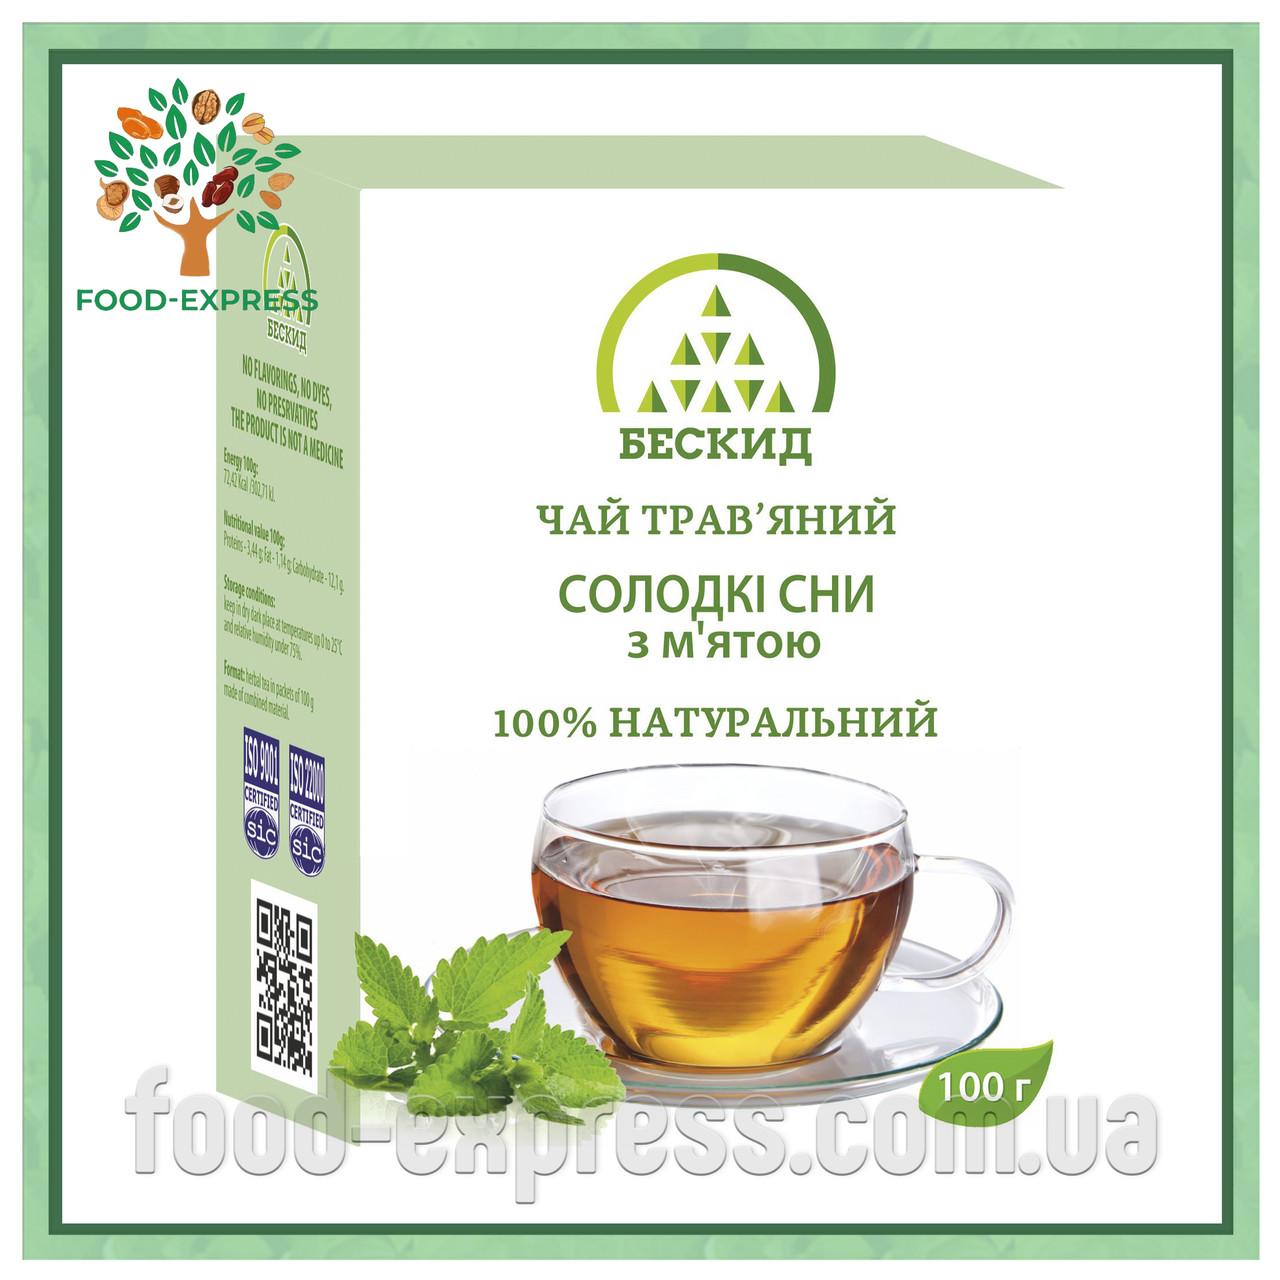 Чай тав'яний «Солодкі сни» з м'ятою 100г